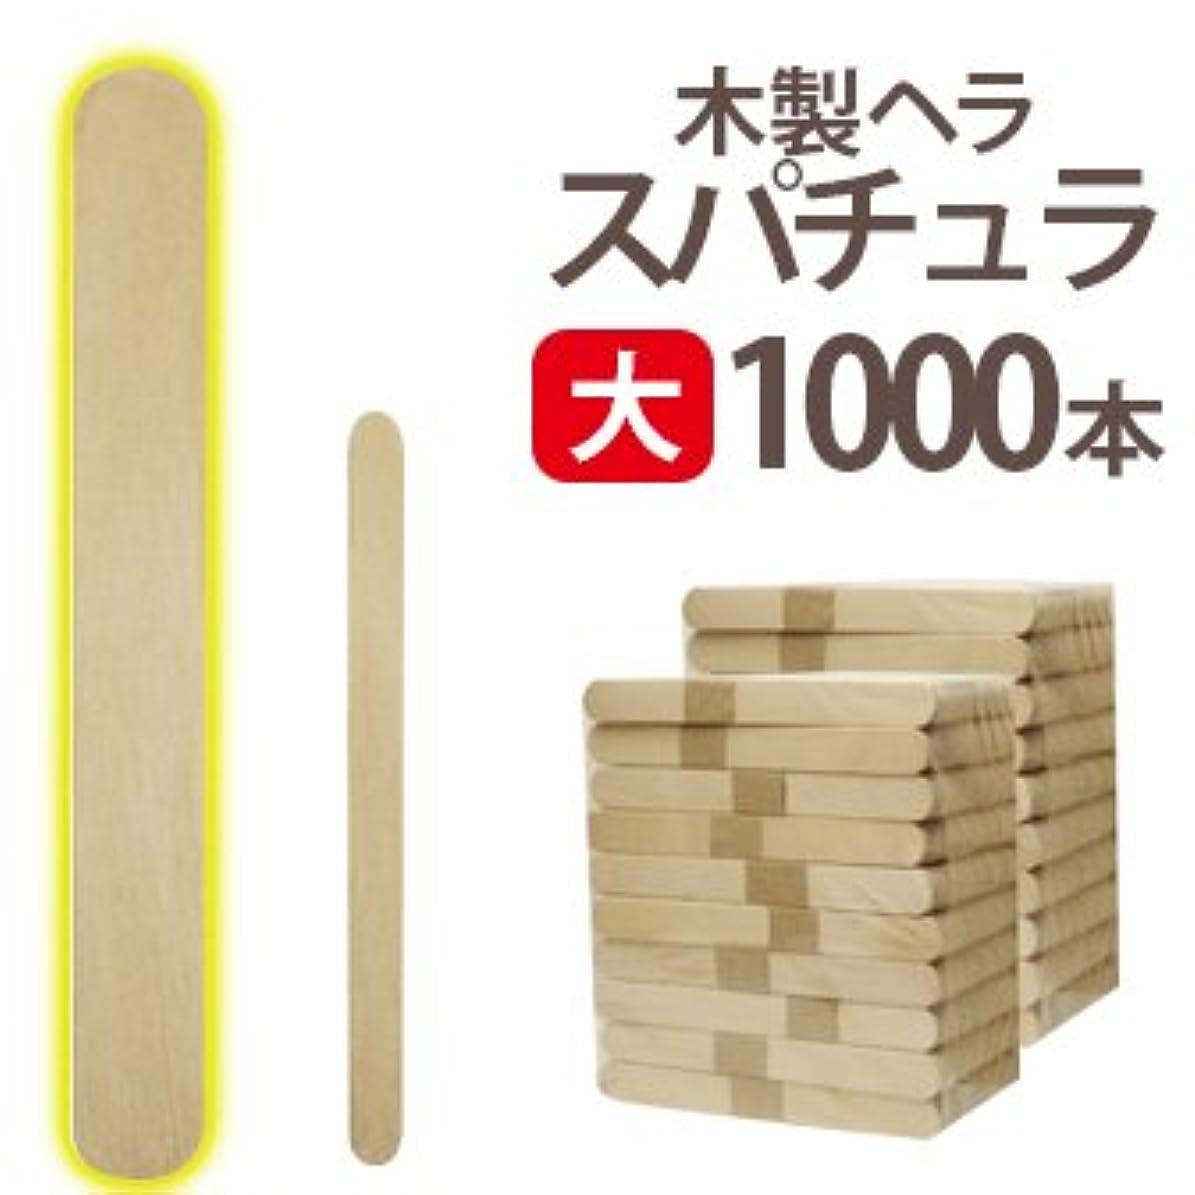 謙虚パントリーレベル大 ブラジリアンワックス 業務用1000本 スパチュラ Aタイプ(個別梱包なし 150×16)